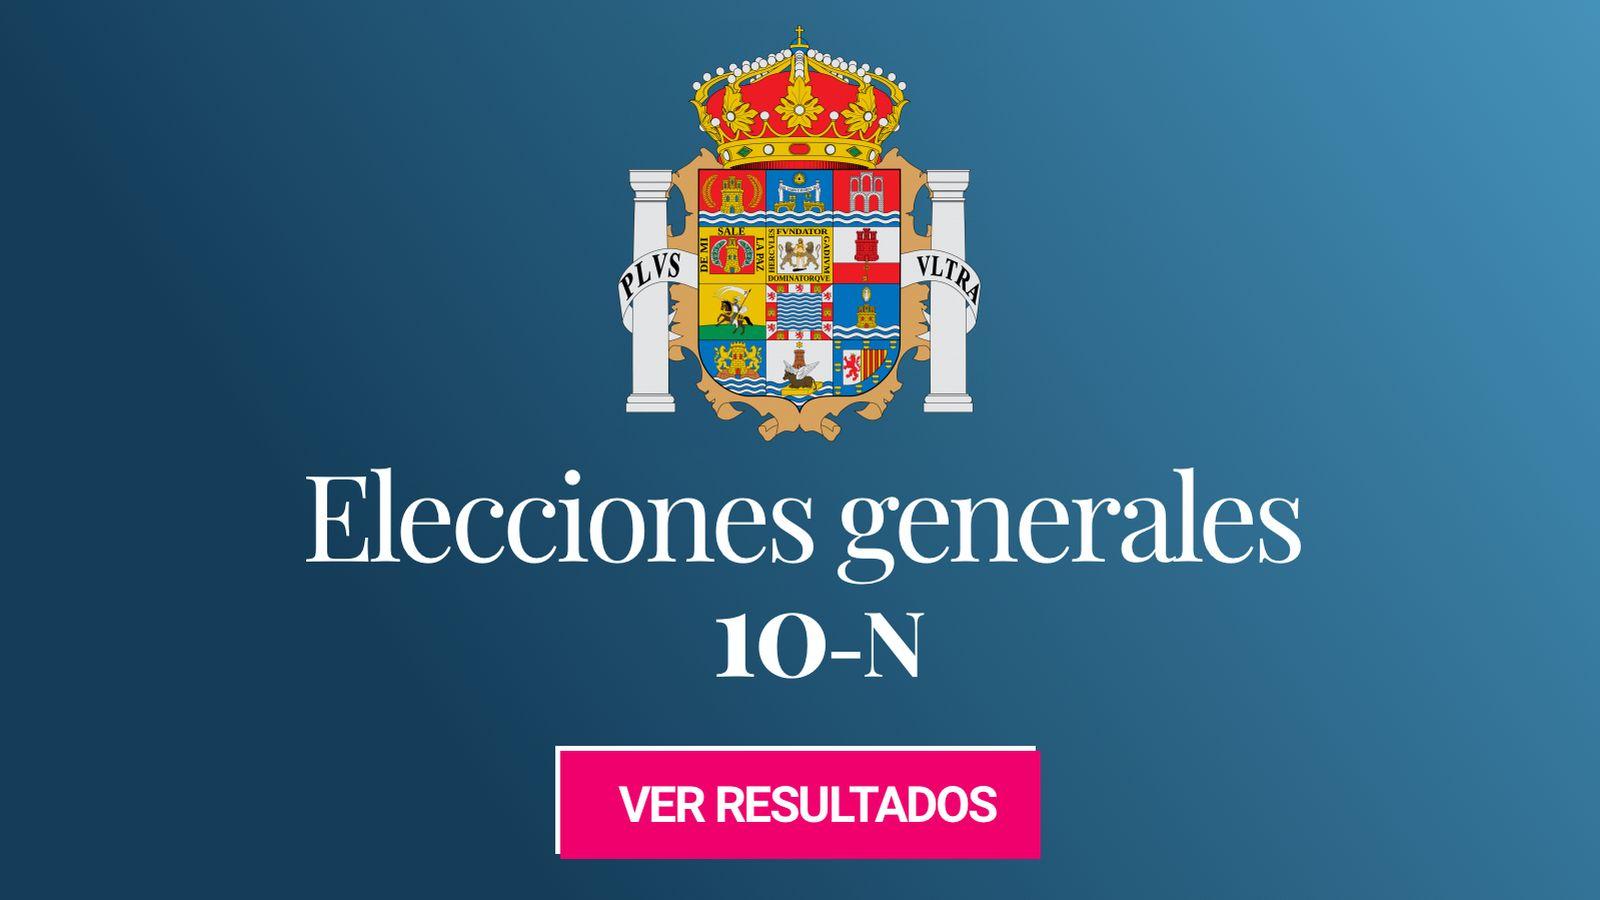 Foto: Elecciones generales 2019 en la provincia de Cádiz. (C.C./HansenBCN)